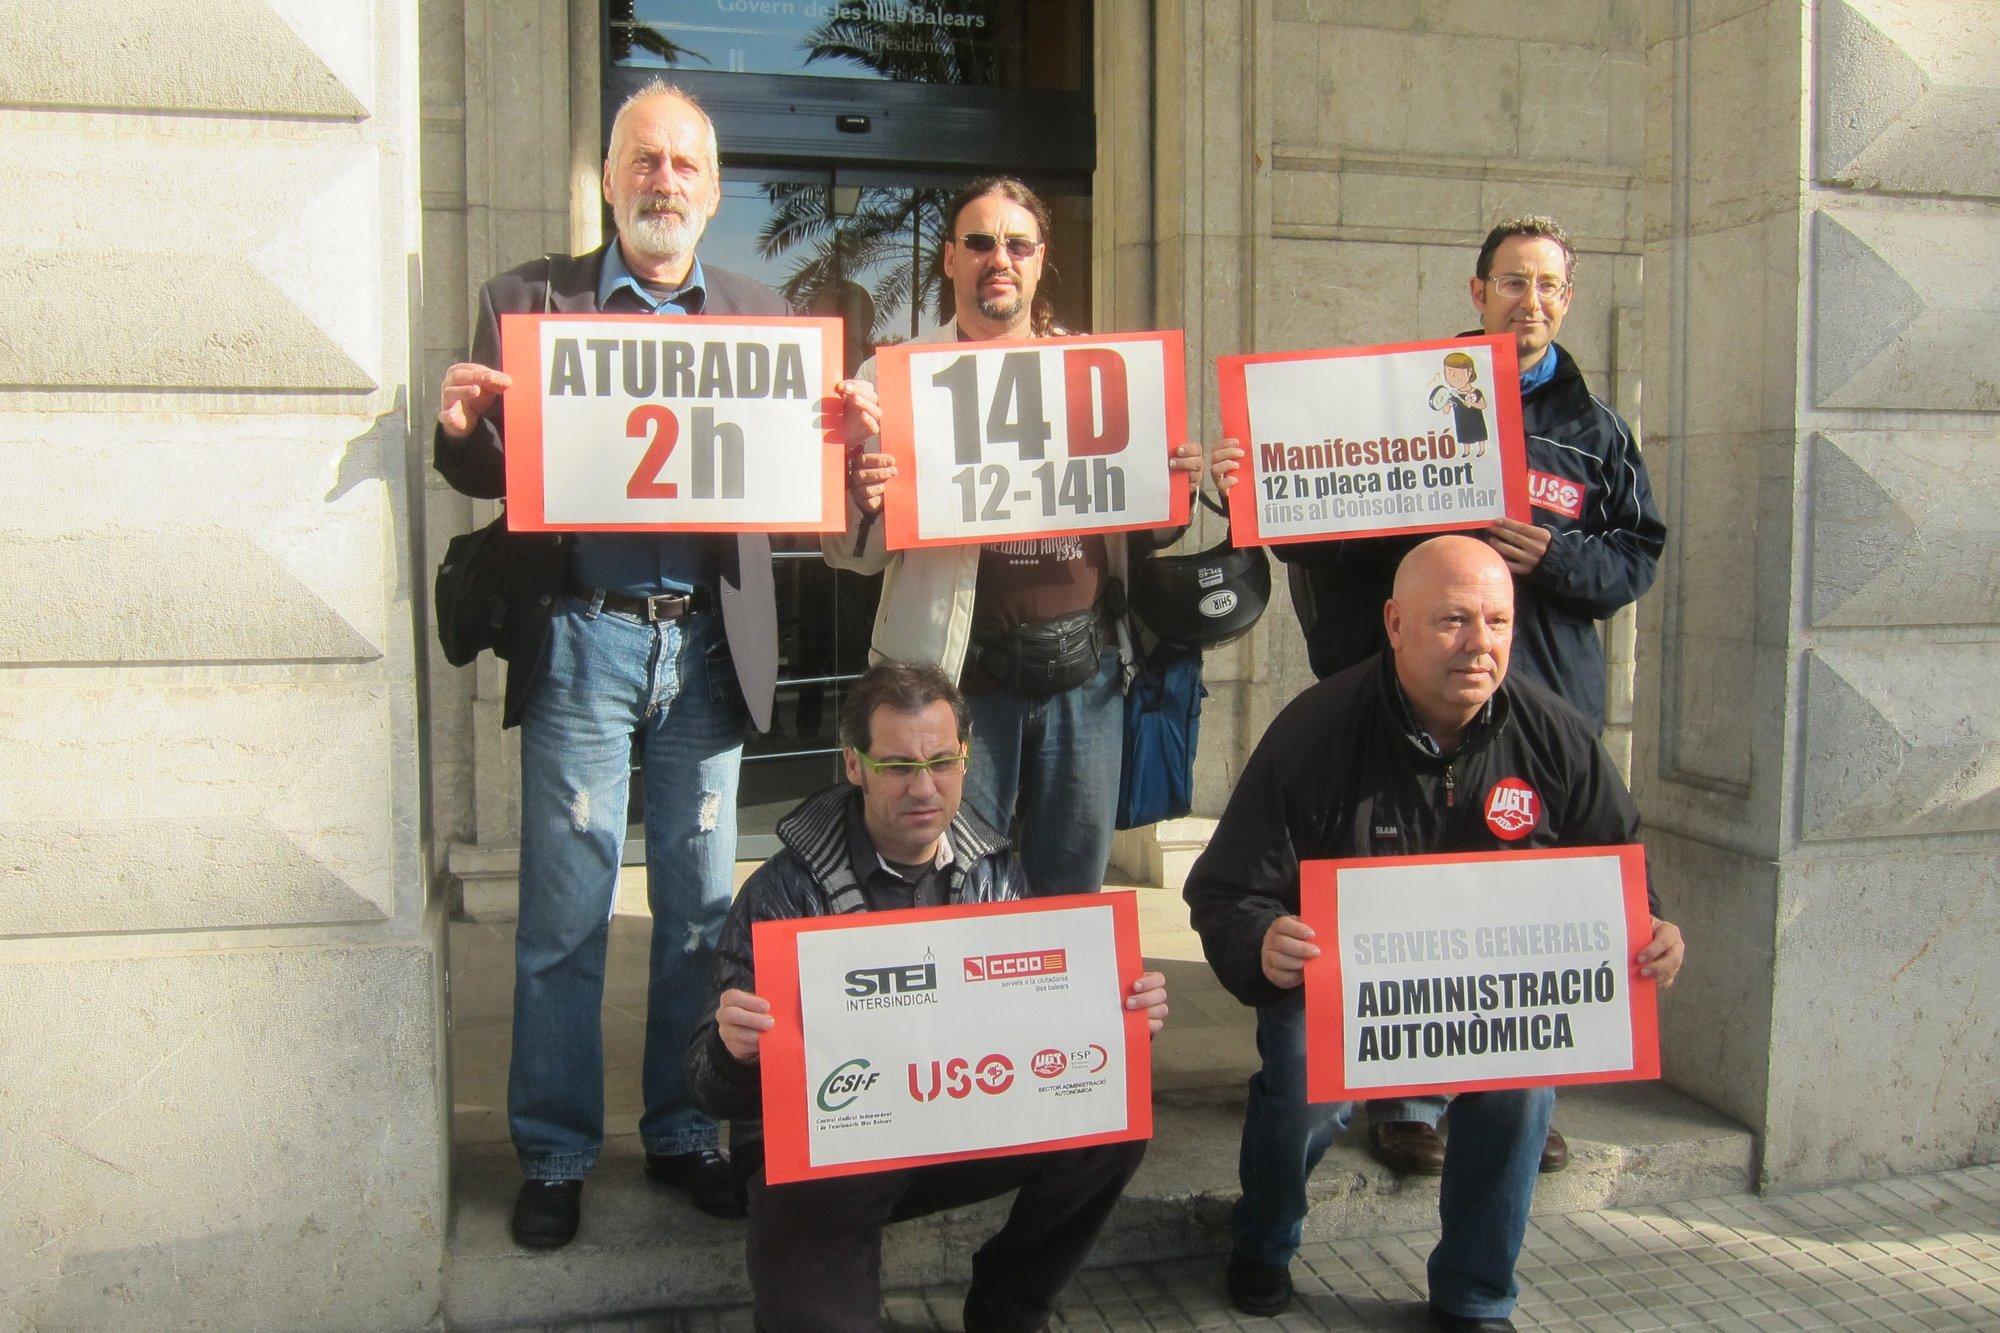 Los sindicatos convocan el 14 de diciembre un paro parcial de 2 horas   que afecta a 6.000 empleados públicos de la CAIB